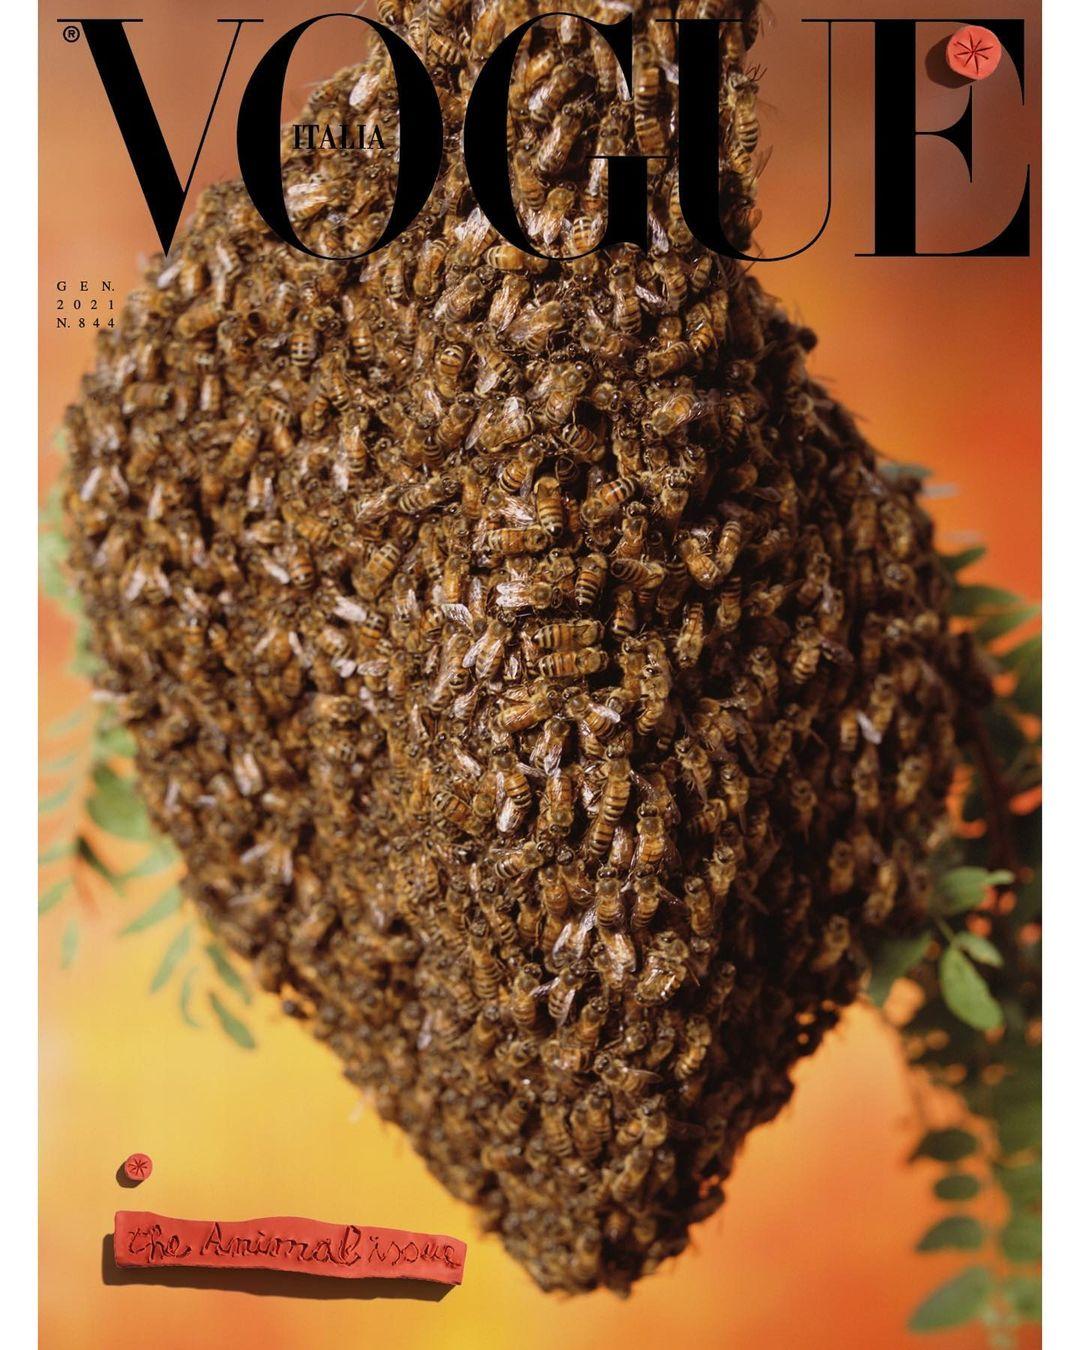 Vogue Italia 4